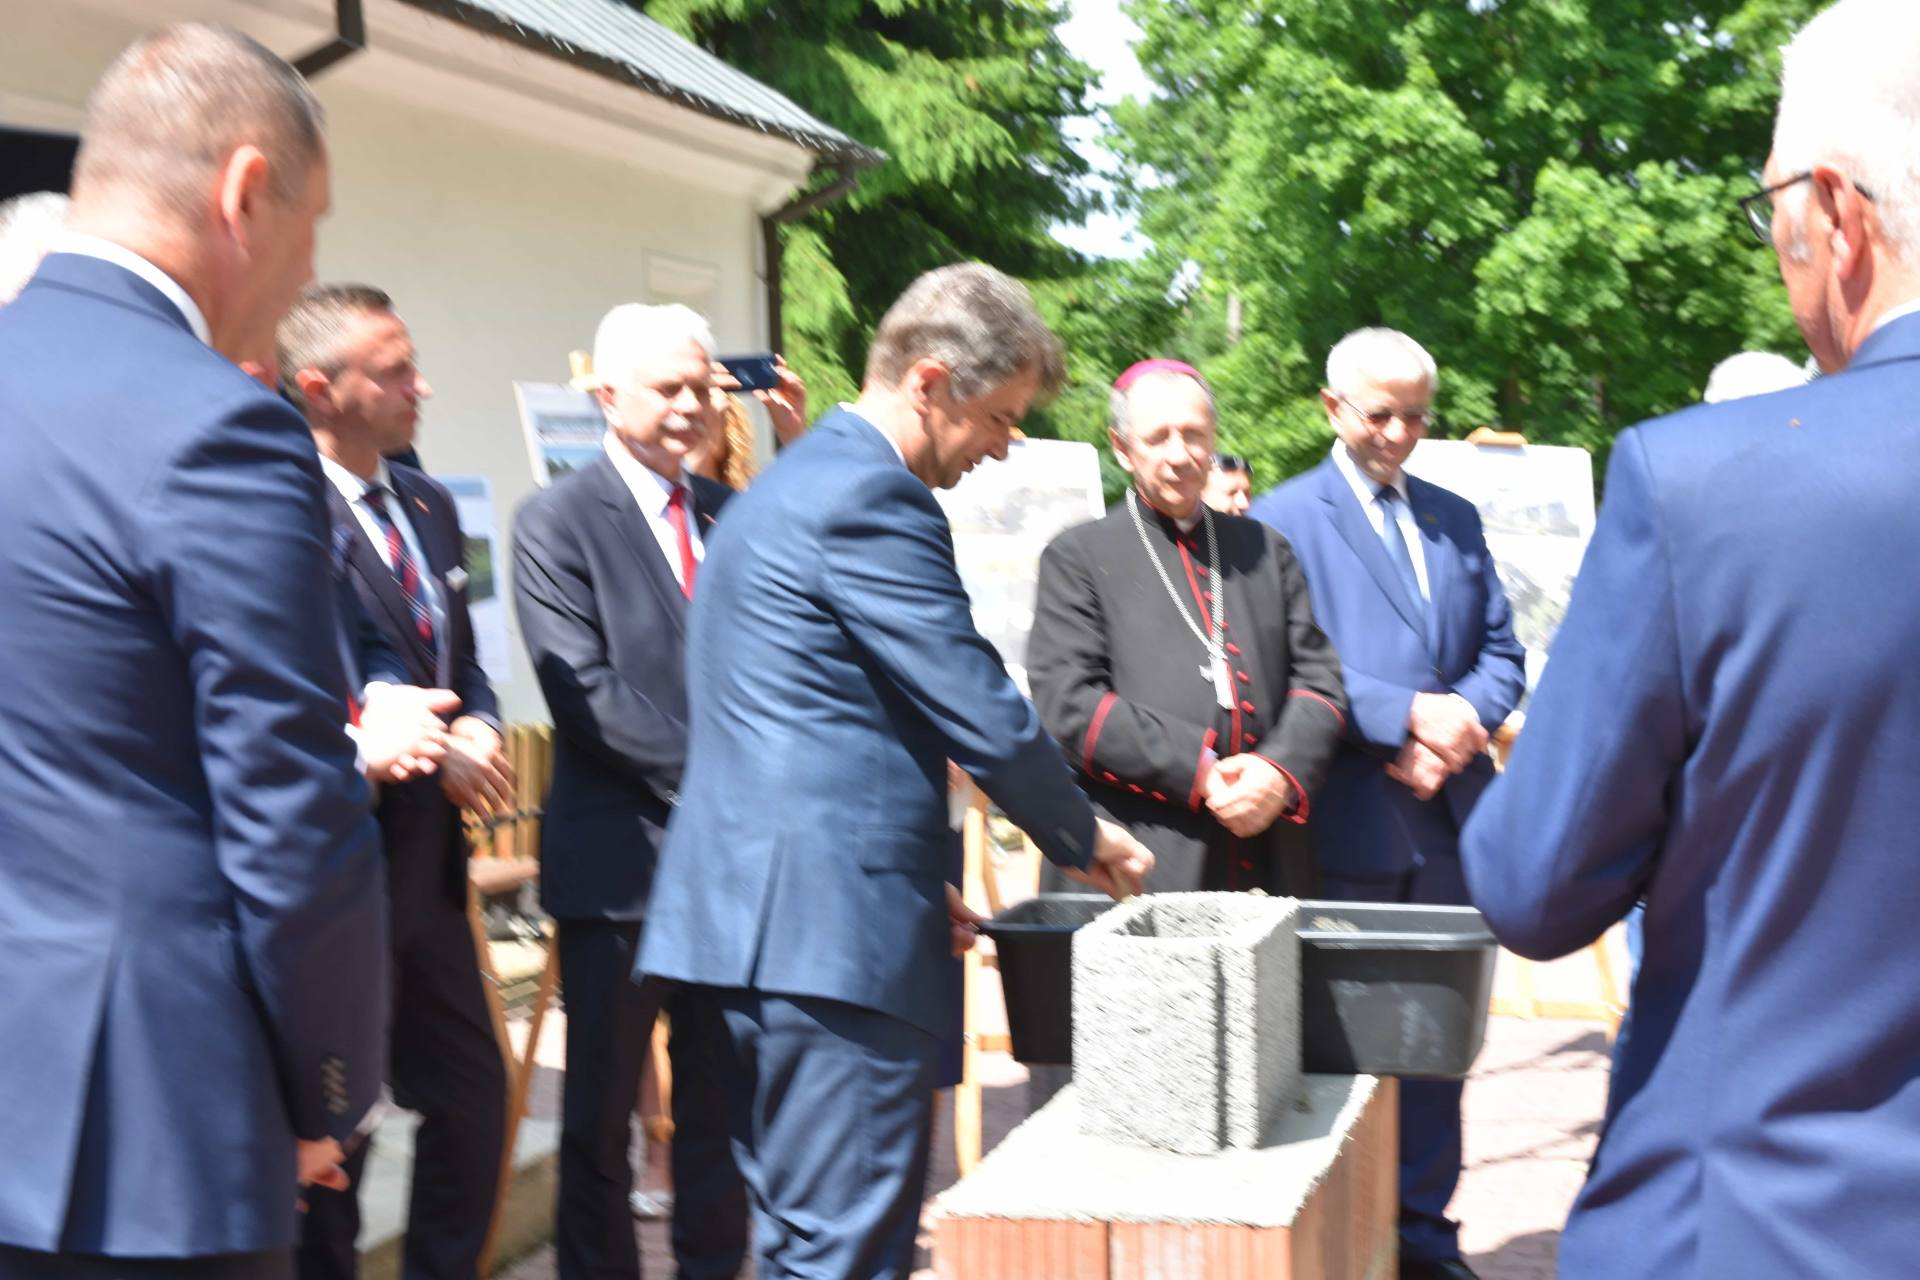 dsc 7609 Za 80 mln zł rozbudowane zostanie sanatorium w Krasnobrodzie.